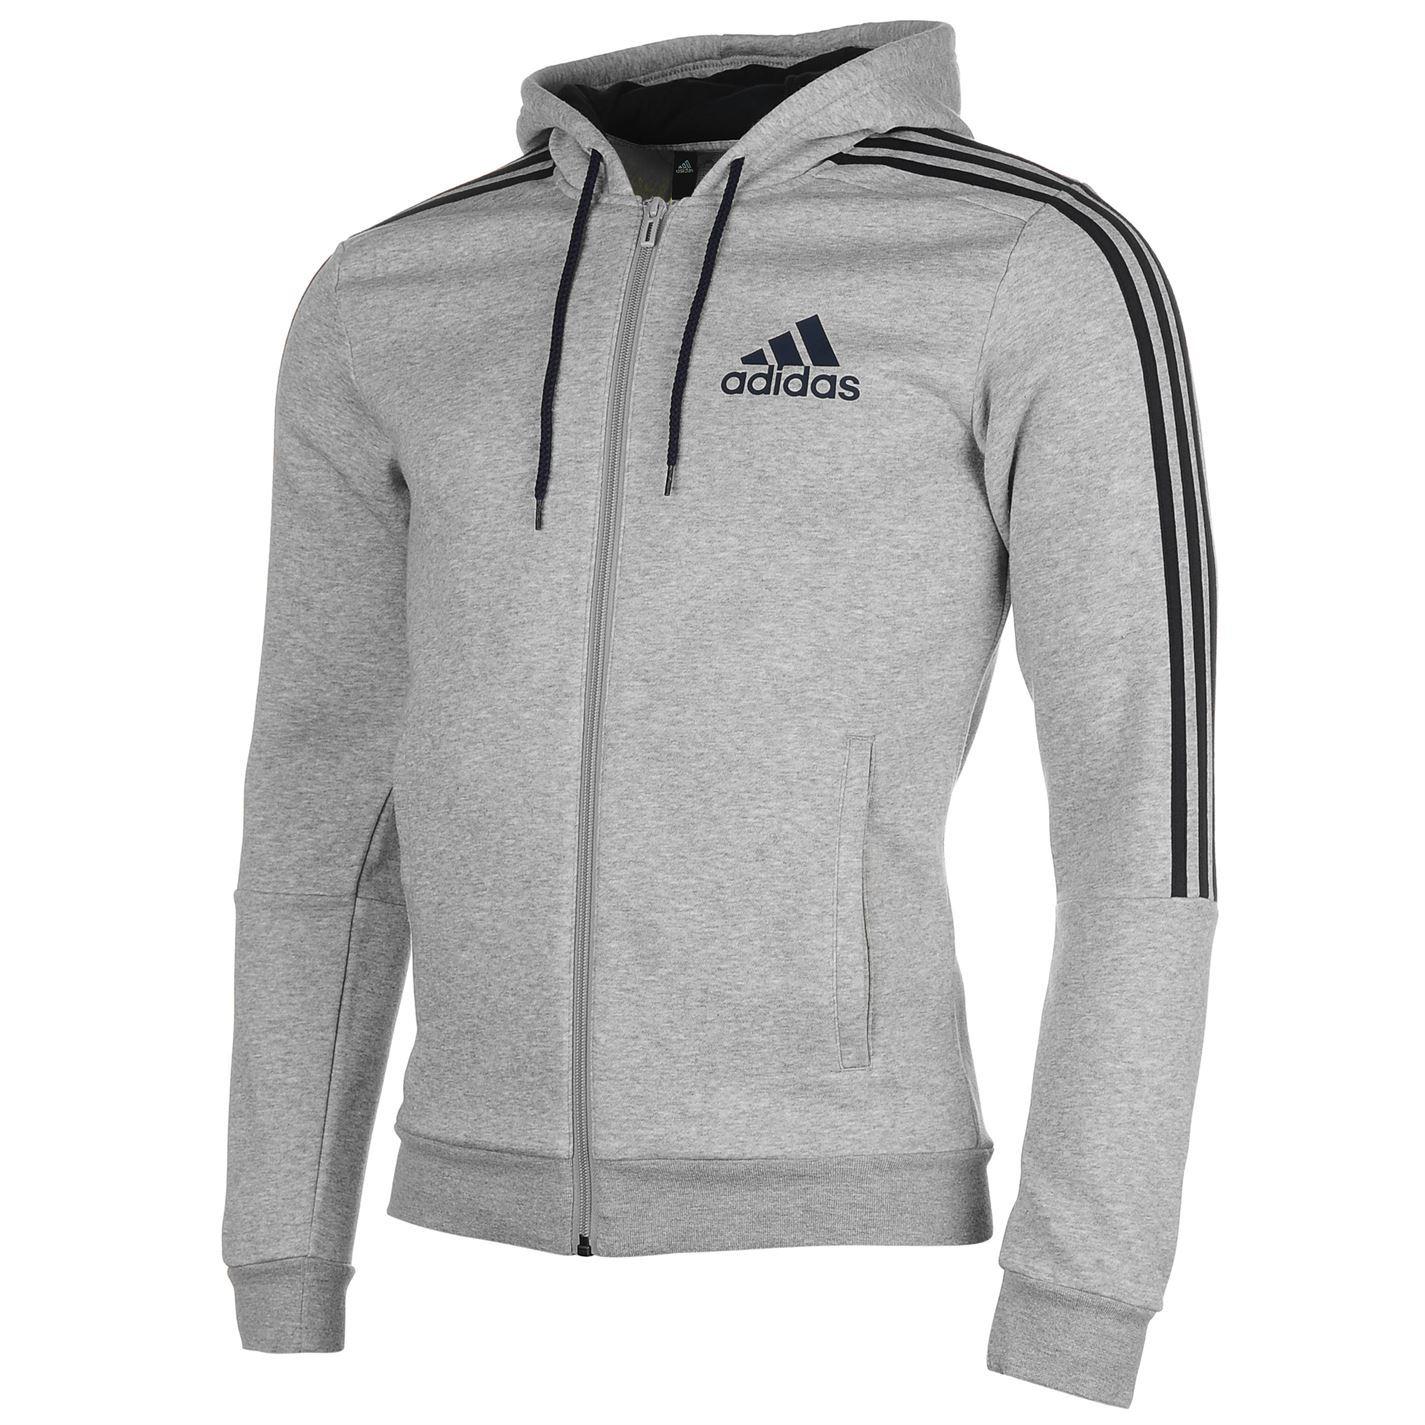 Adidas Mens 3 Stripe Hoody Full Zip Hoodie Long Sleeve